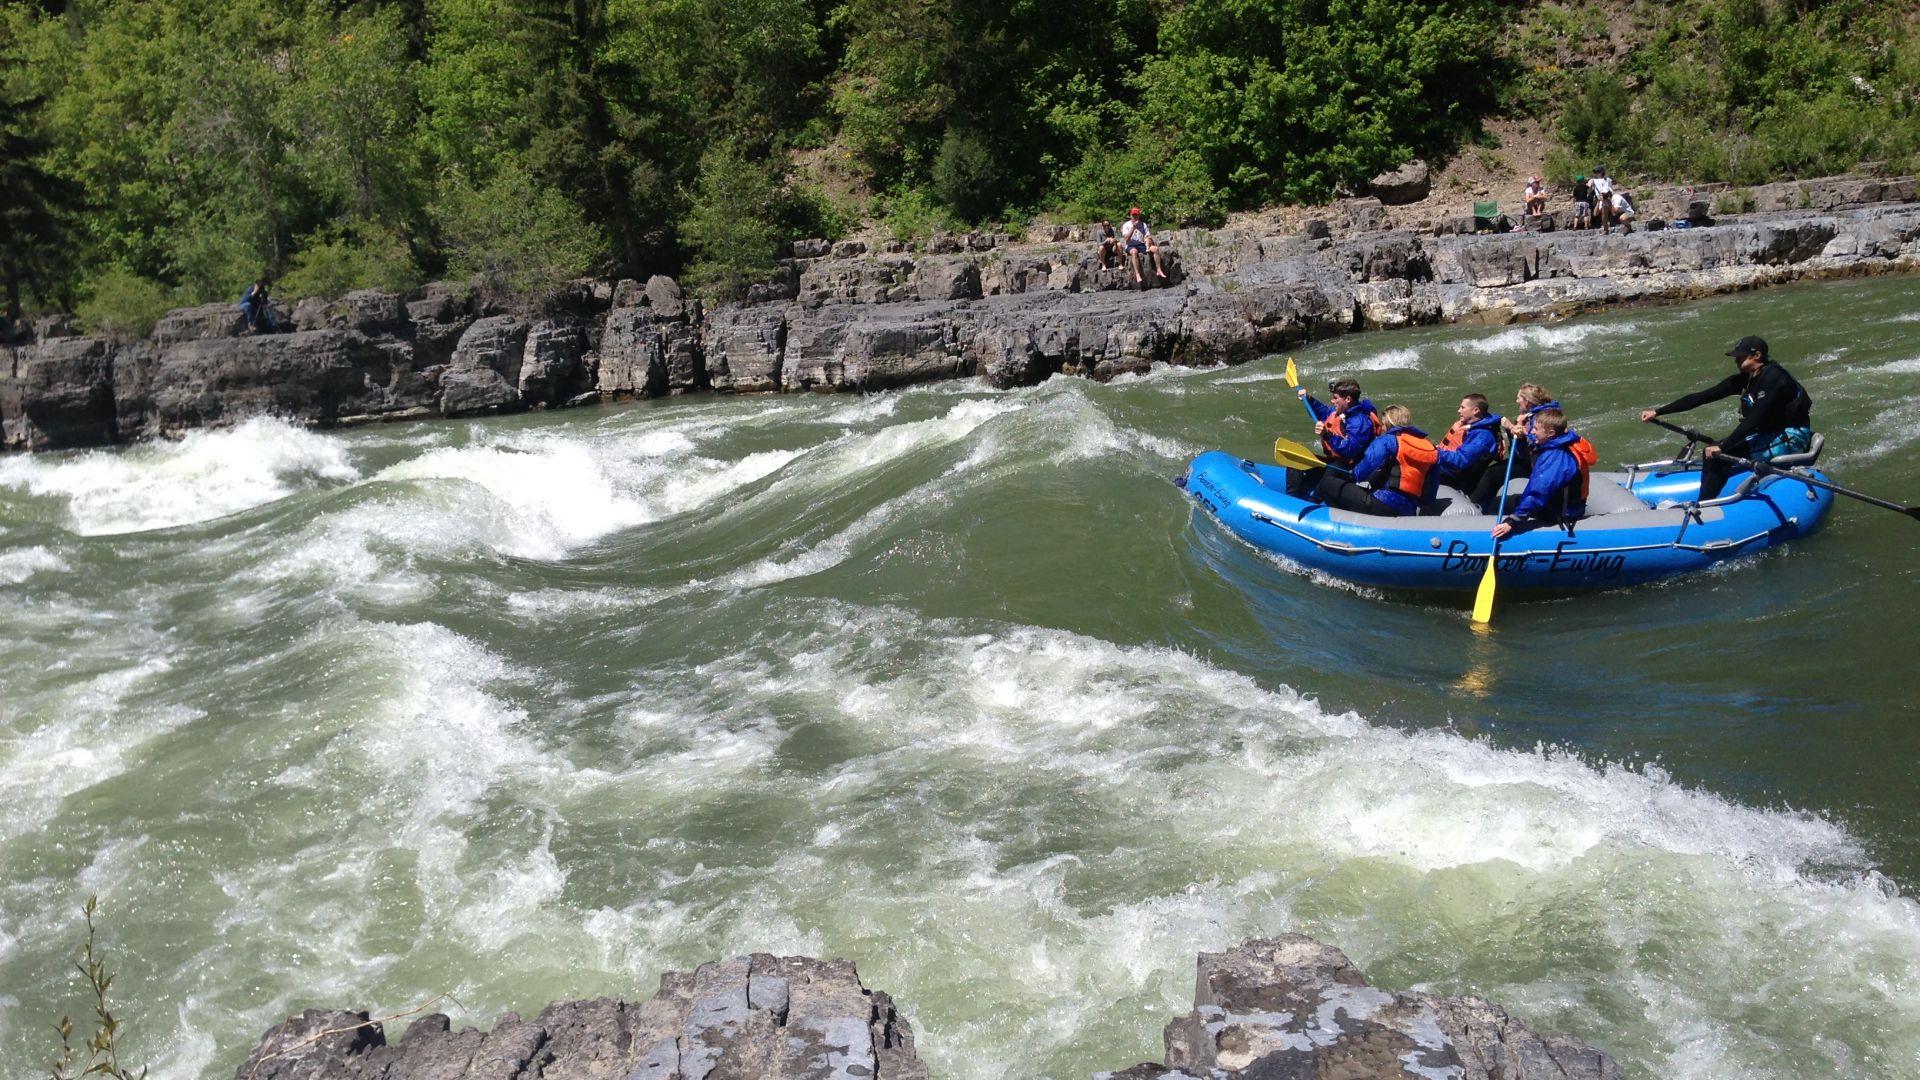 Jackson Hole Whitewater - White Water Rafting in Jackson Hole